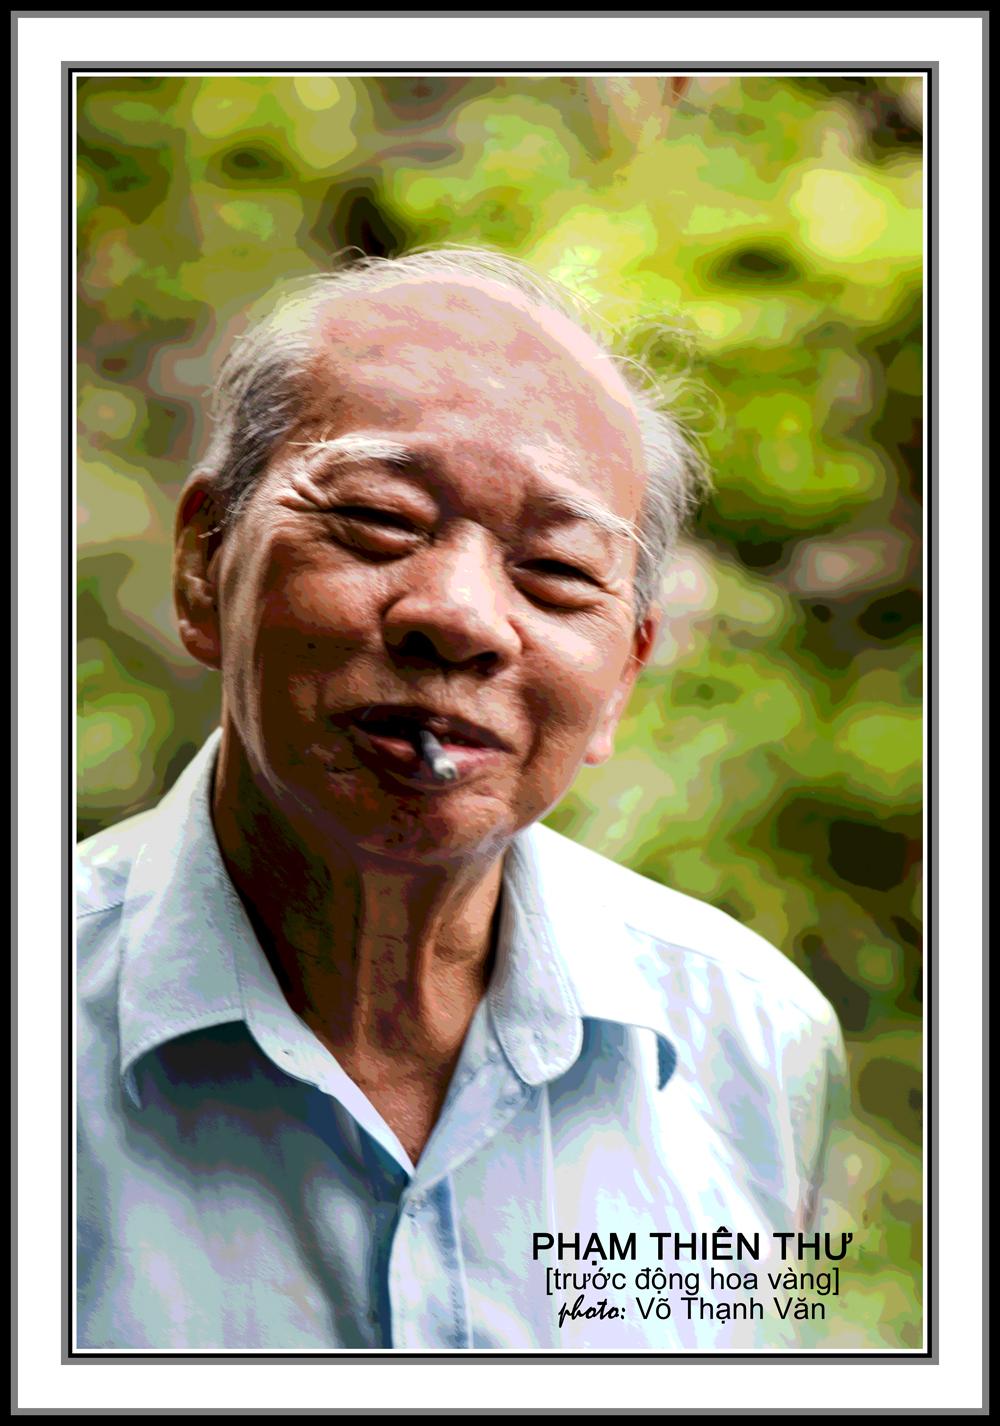 Chu Vương Miện: Chân Dung Thi Hào PHẠM THIÊN THƯ